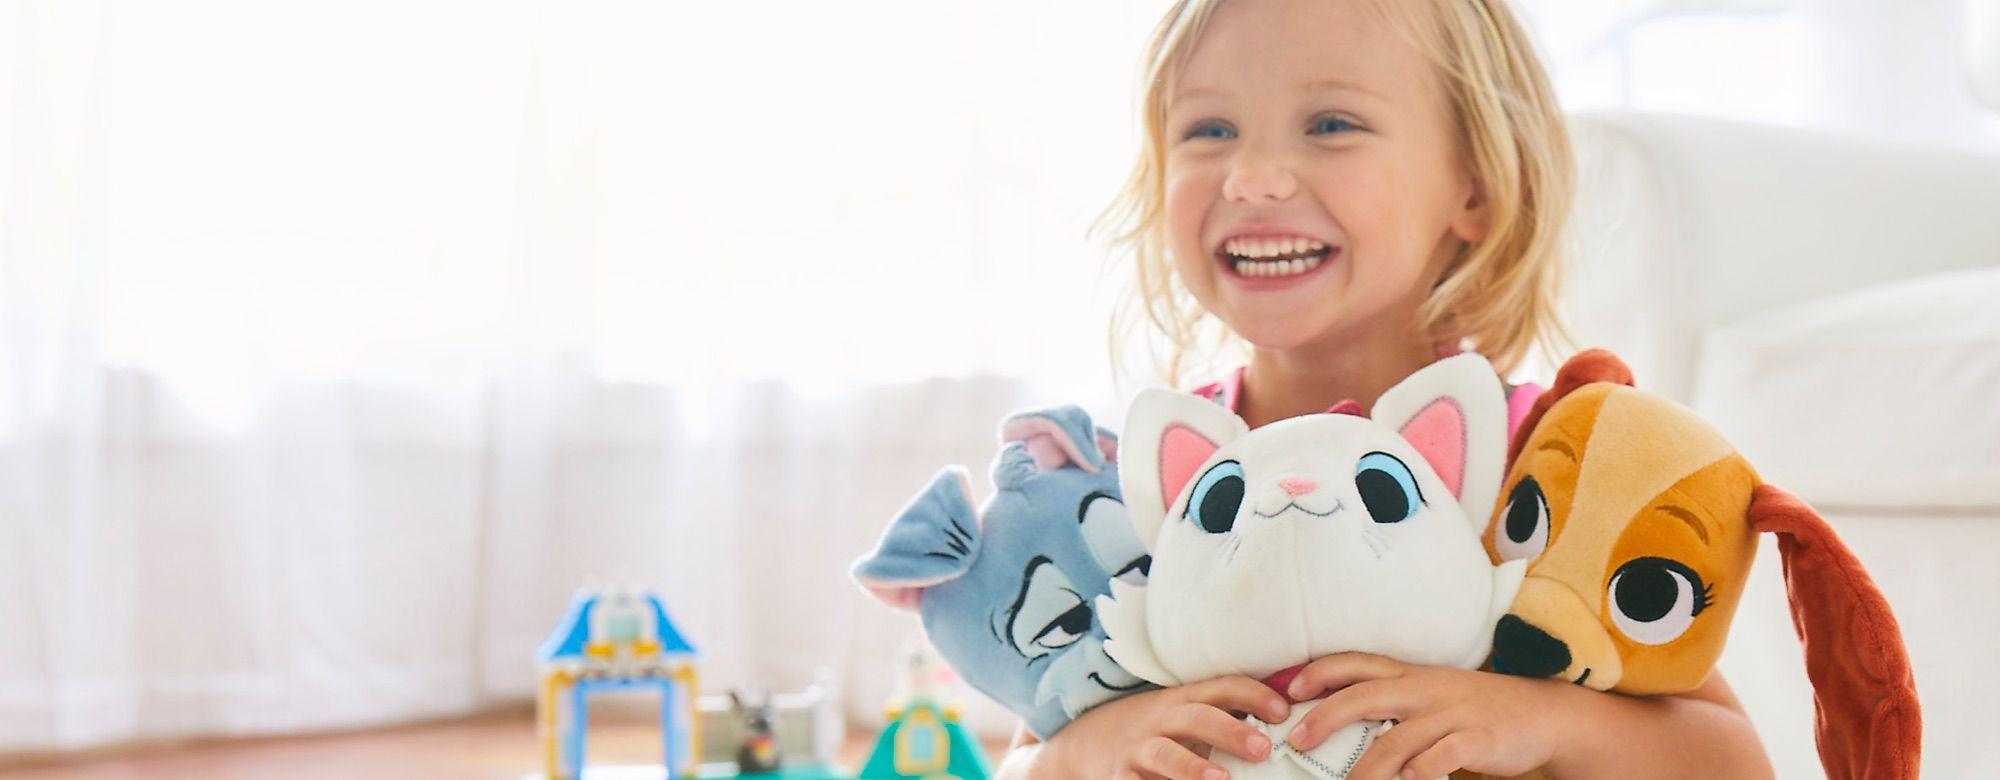 Furrytale Freunde Plüschtiere, Spielzeug und Keidung aus der neuen exklusiven Furrytale Kollektion. ALLE ANSEHEN